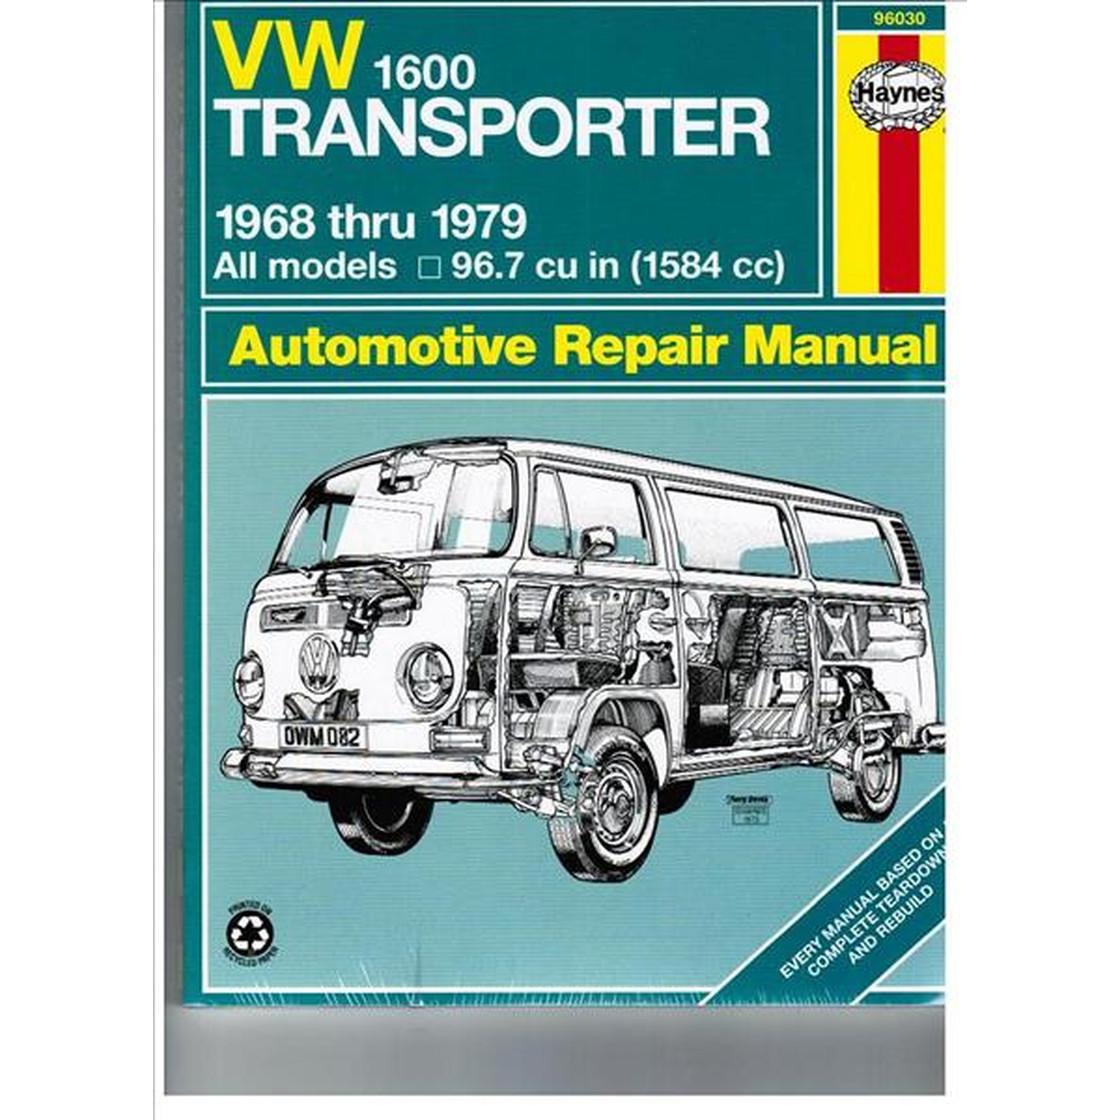 hayne's automotive repair manual